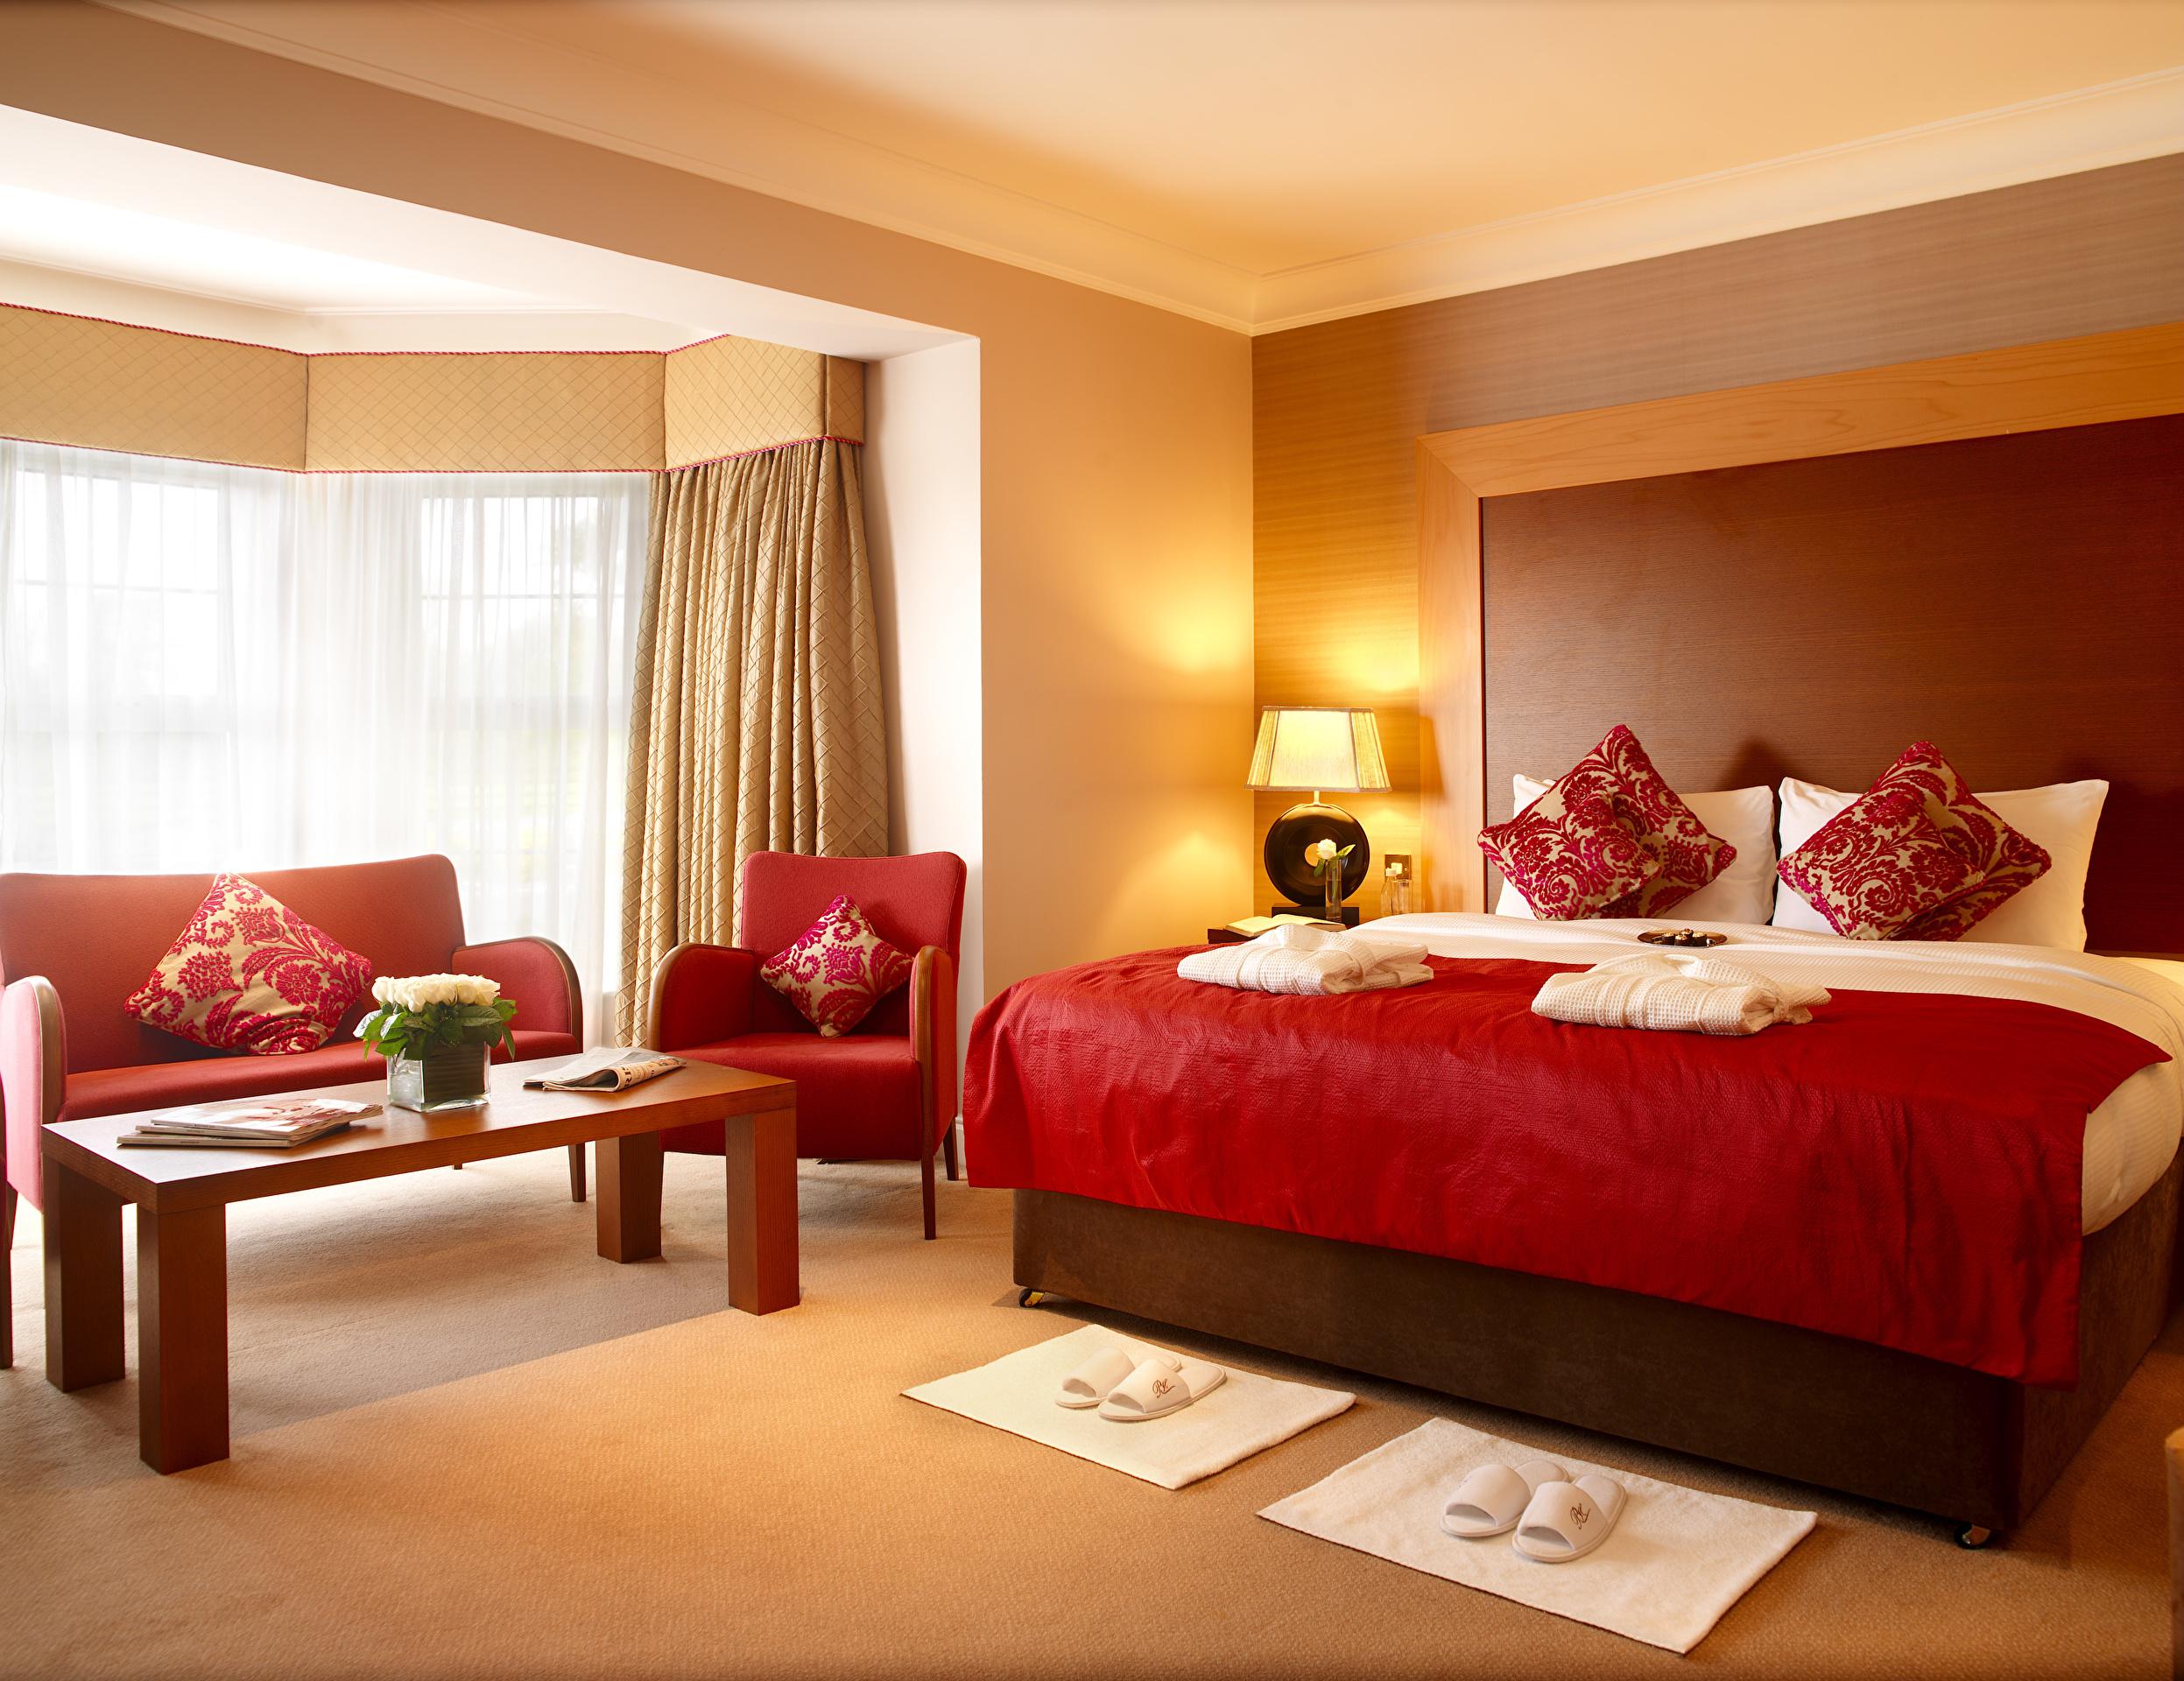 Дизайн спальни скачать